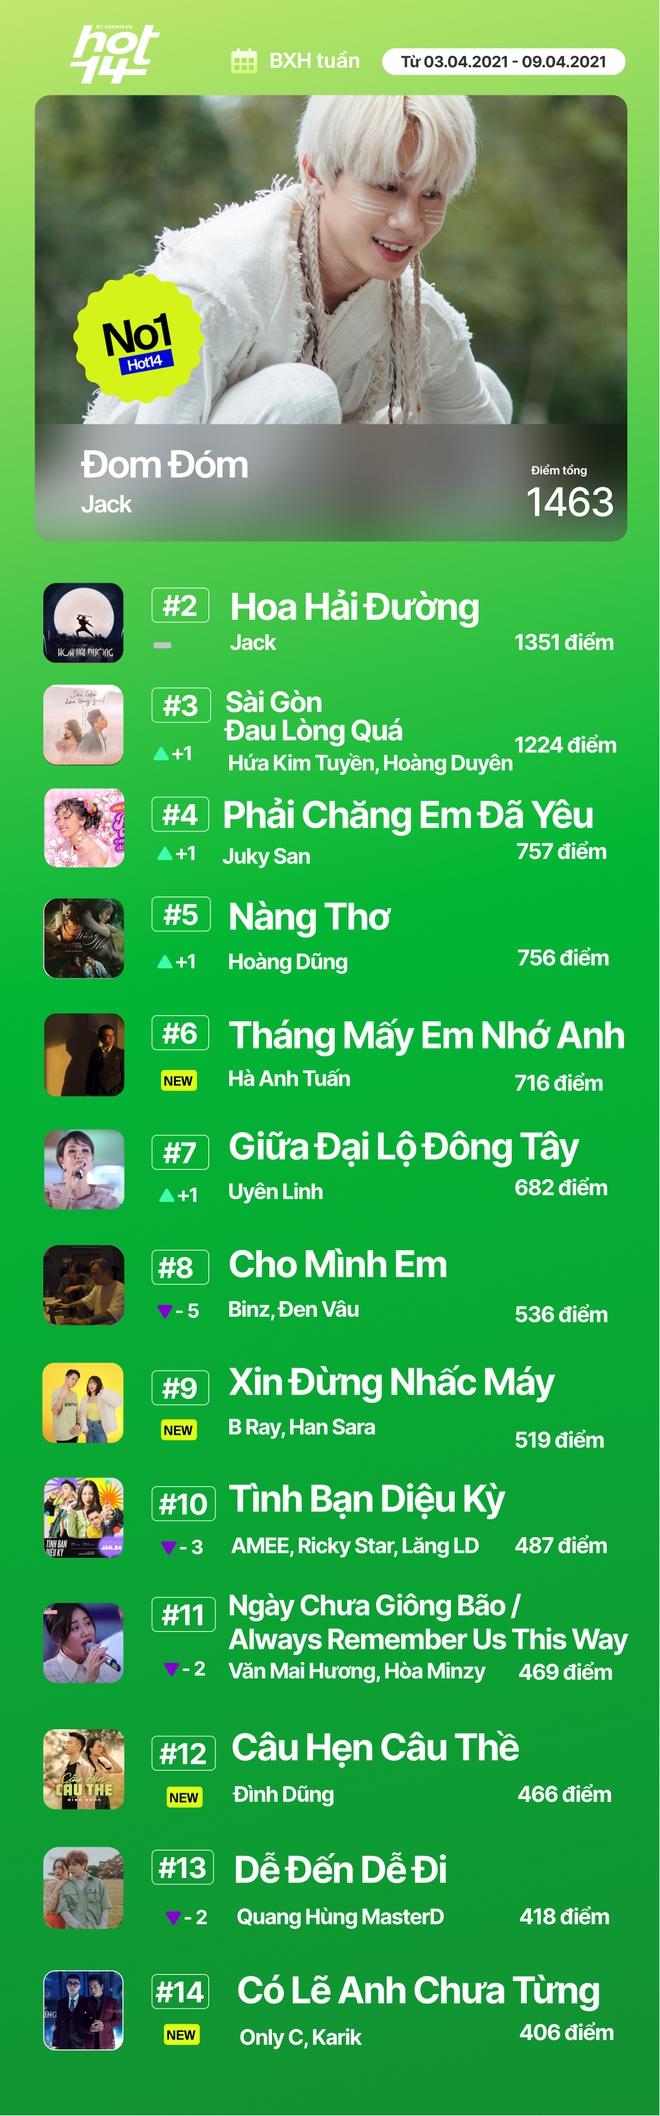 Hà Anh Tuấn bất ngờ debut top 5, Jack giữ vững no.1 trước hit Sài Gòn Đau Lòng Quá và 5 nhân tố mới tại HOT14 - ảnh 15